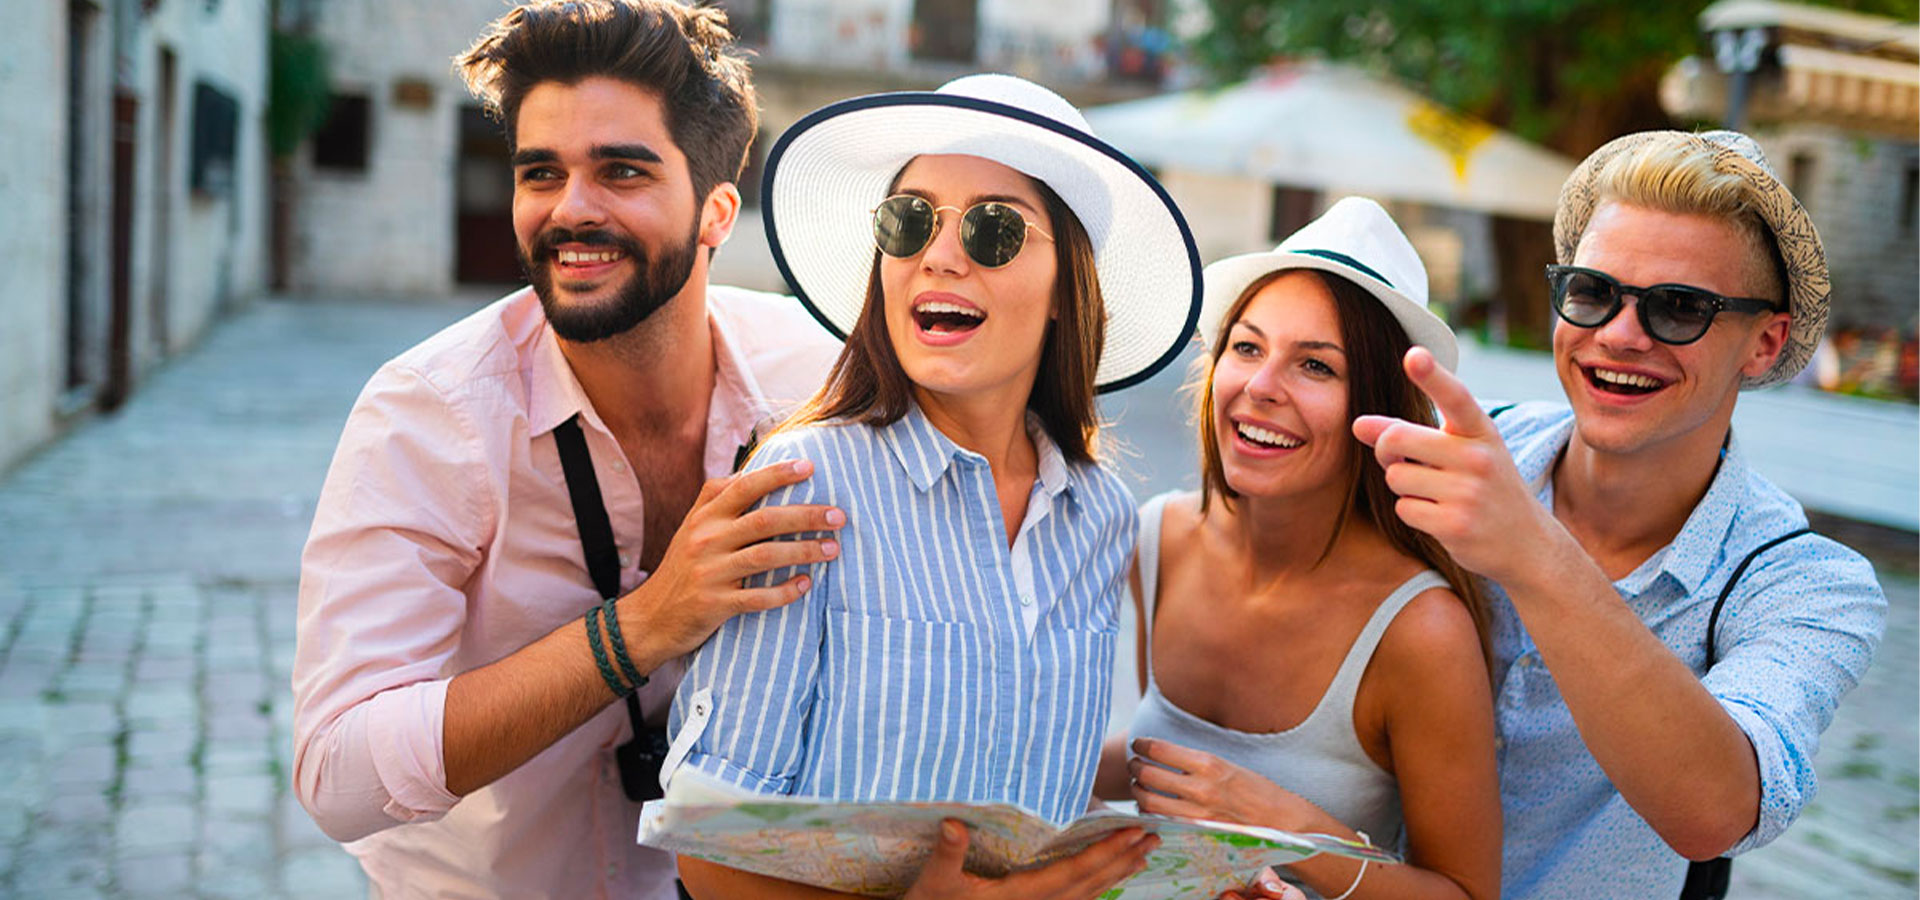 cultura-turismo-la-citta-essenziale-consorzio-cooperative-sociali-cooperazione-integrazione-inclusione-sociale-matera-provincia-basilicata